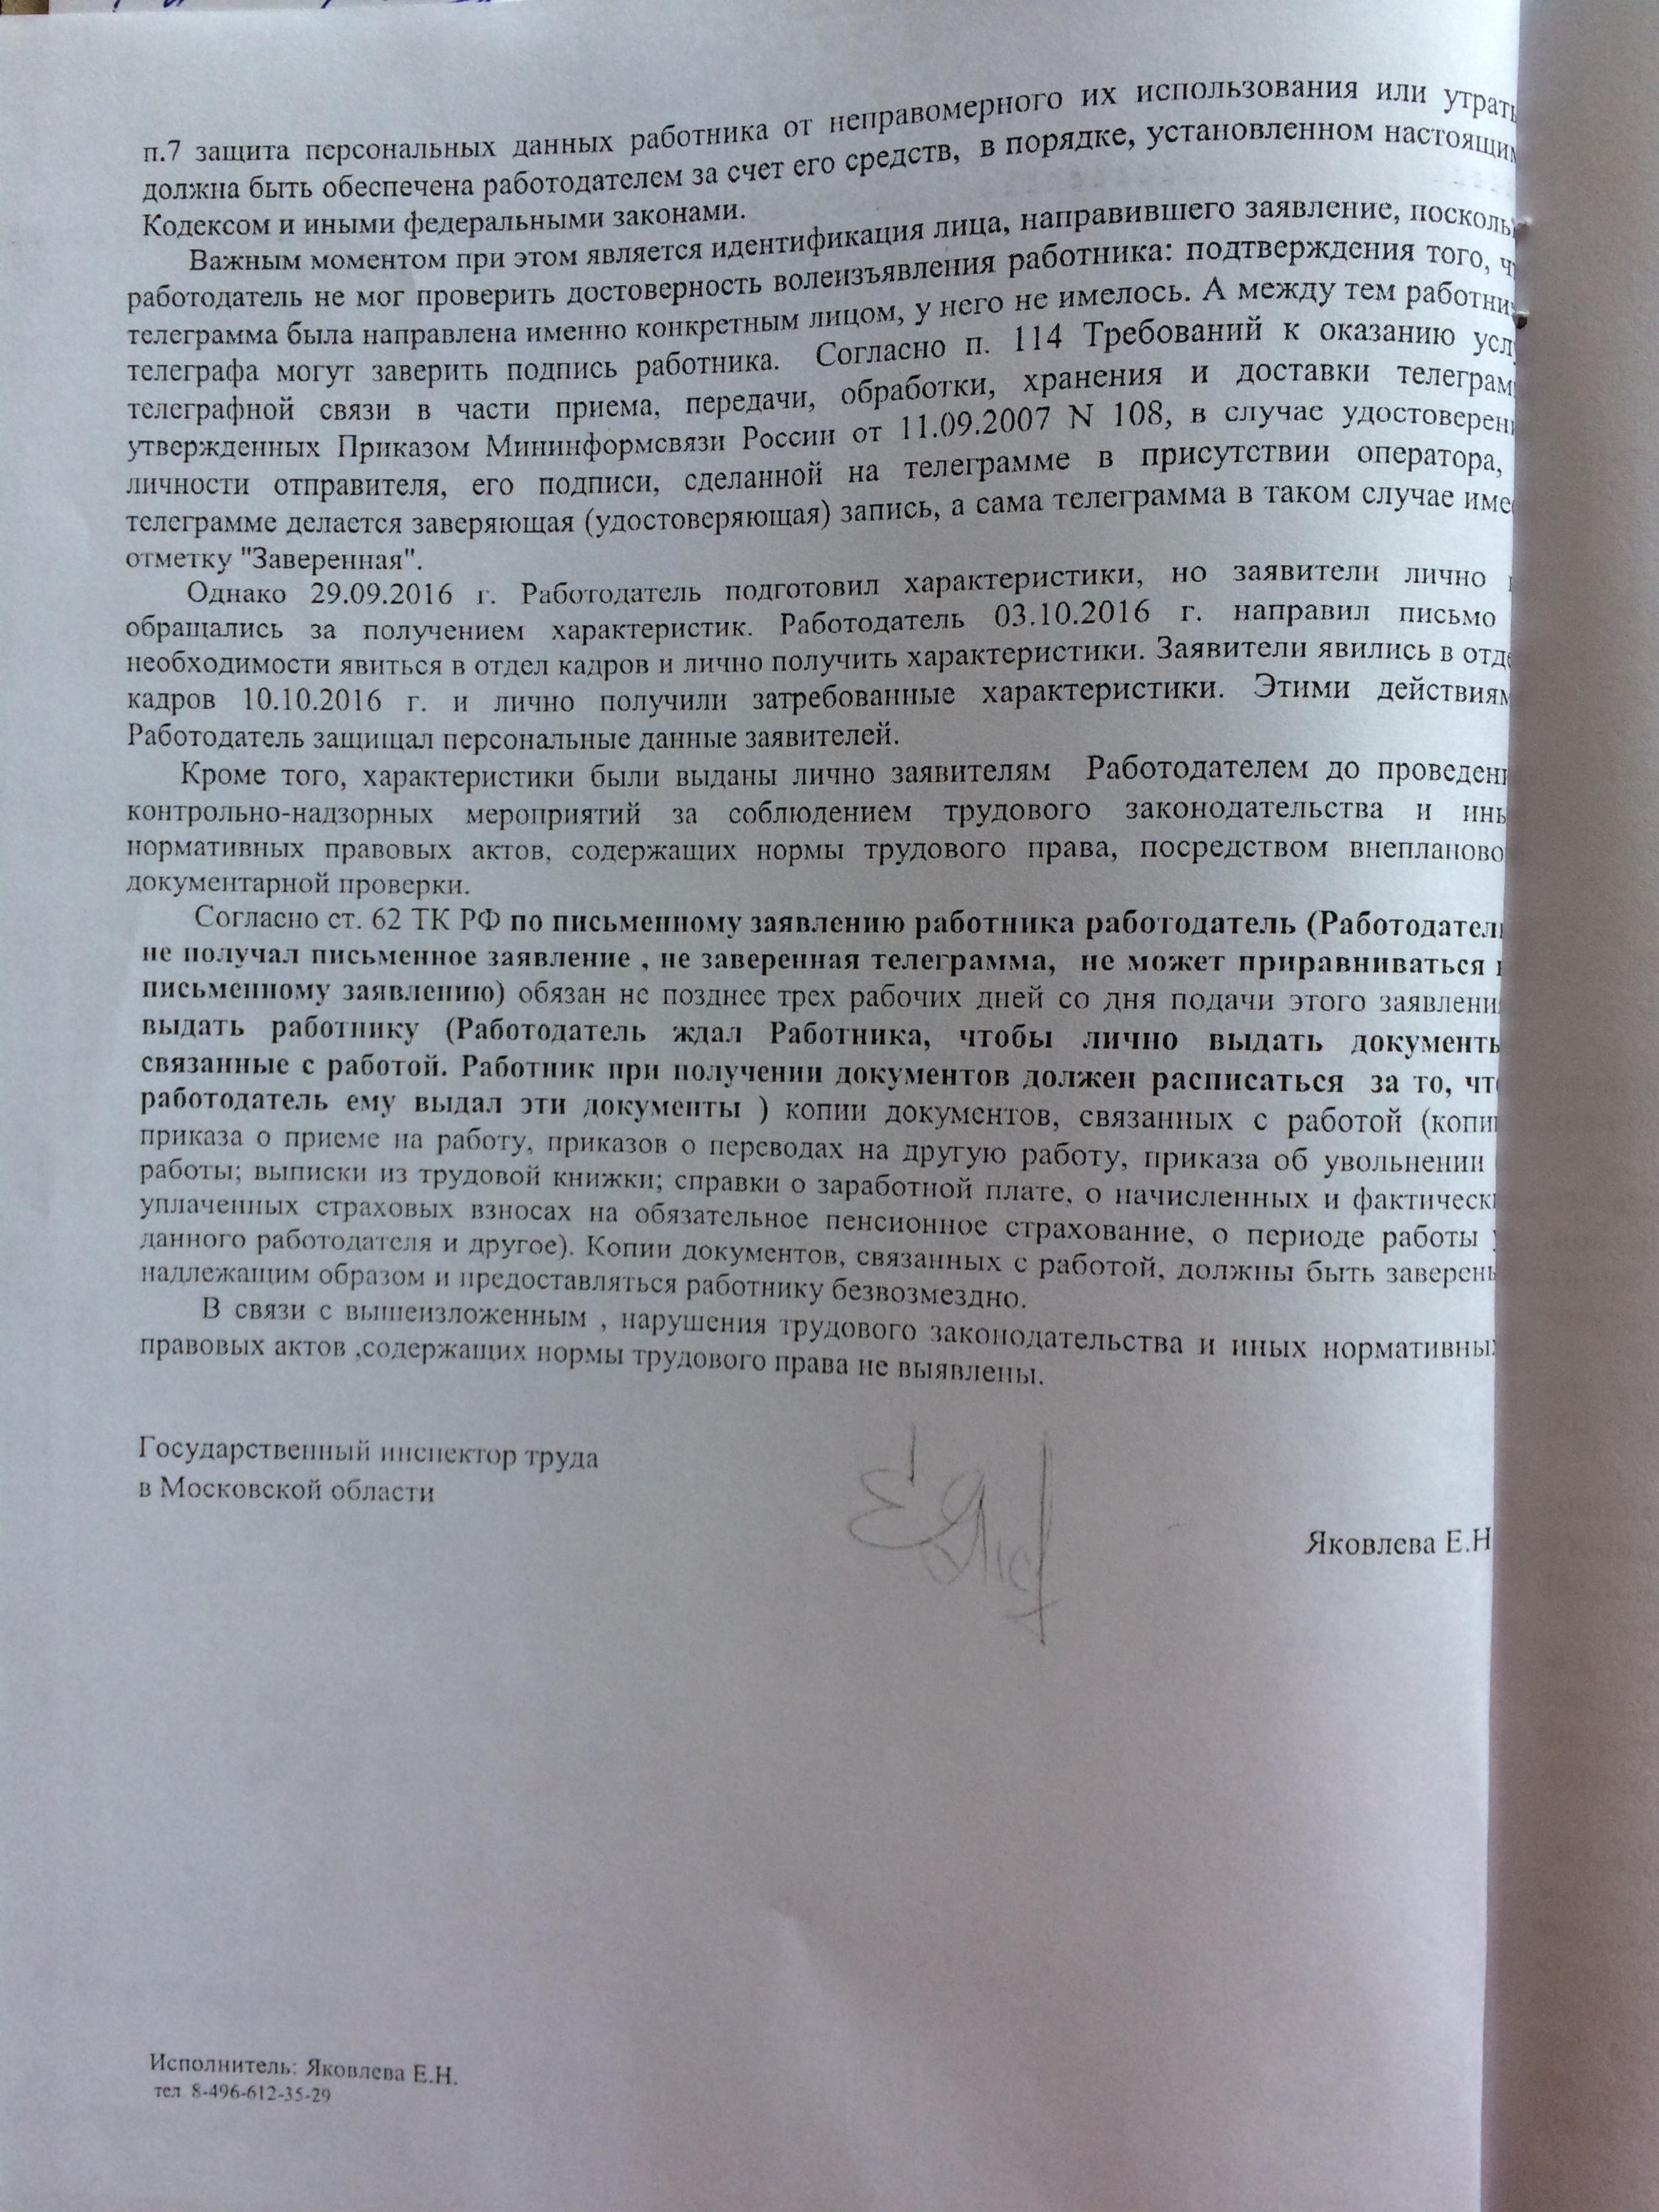 Фото документов проверки Луховицкой городской прокуратурой - 129 (5)